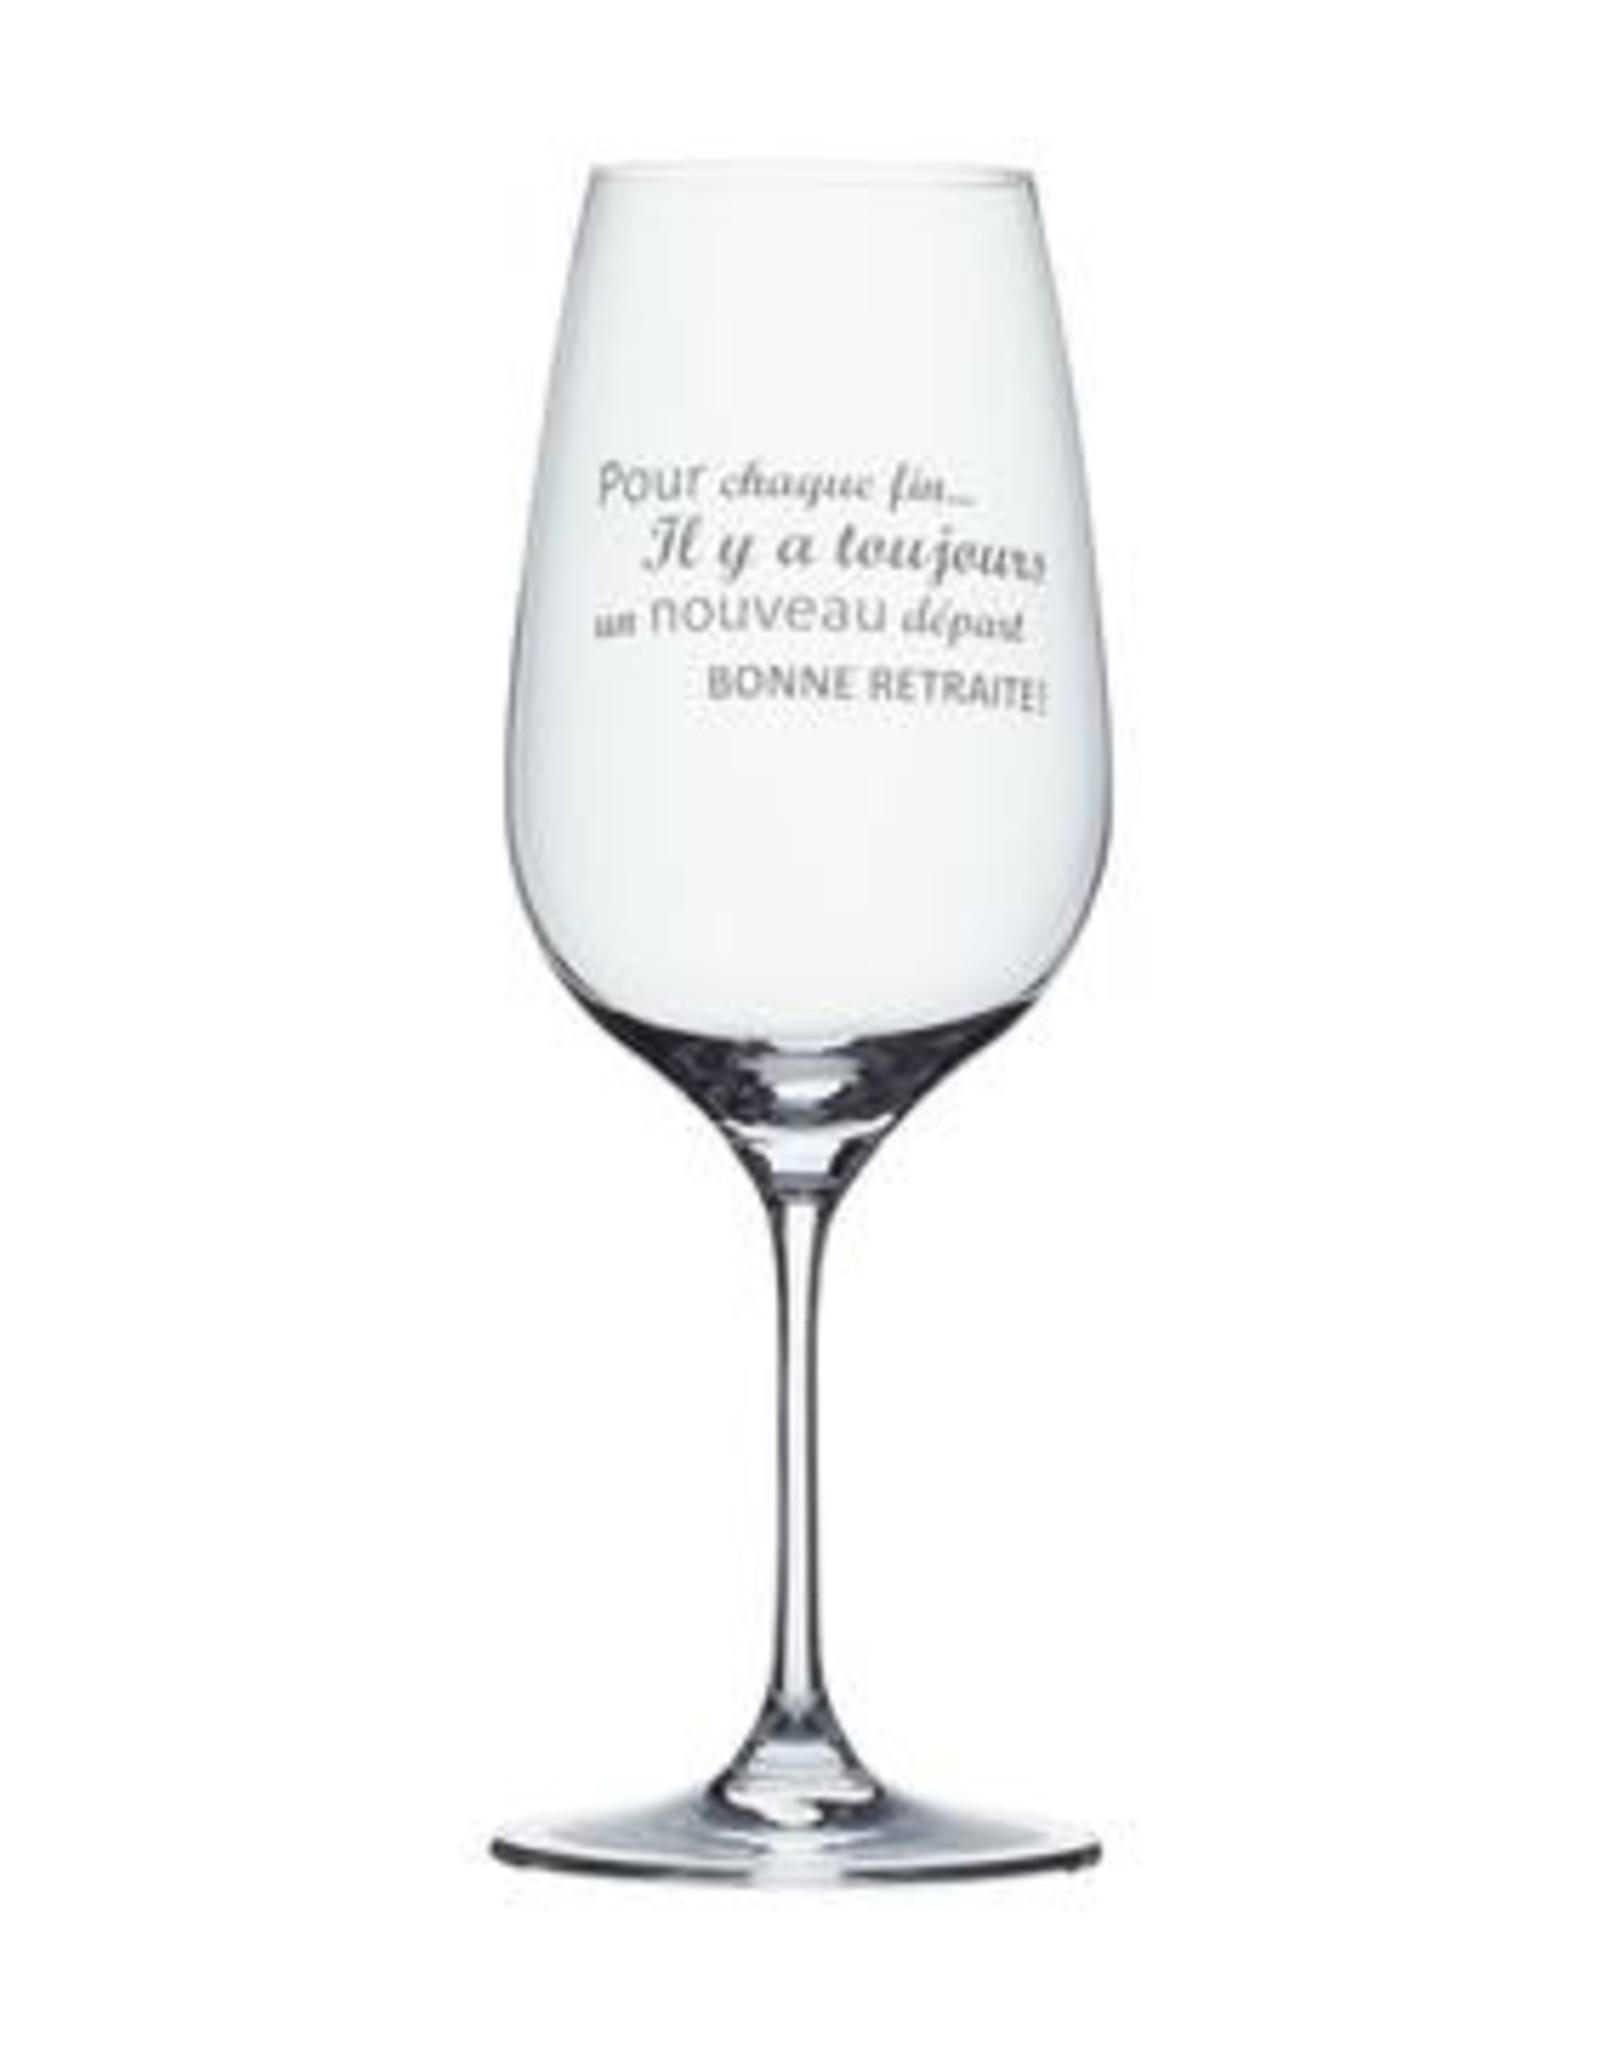 Verre à vin Pour chaque fin